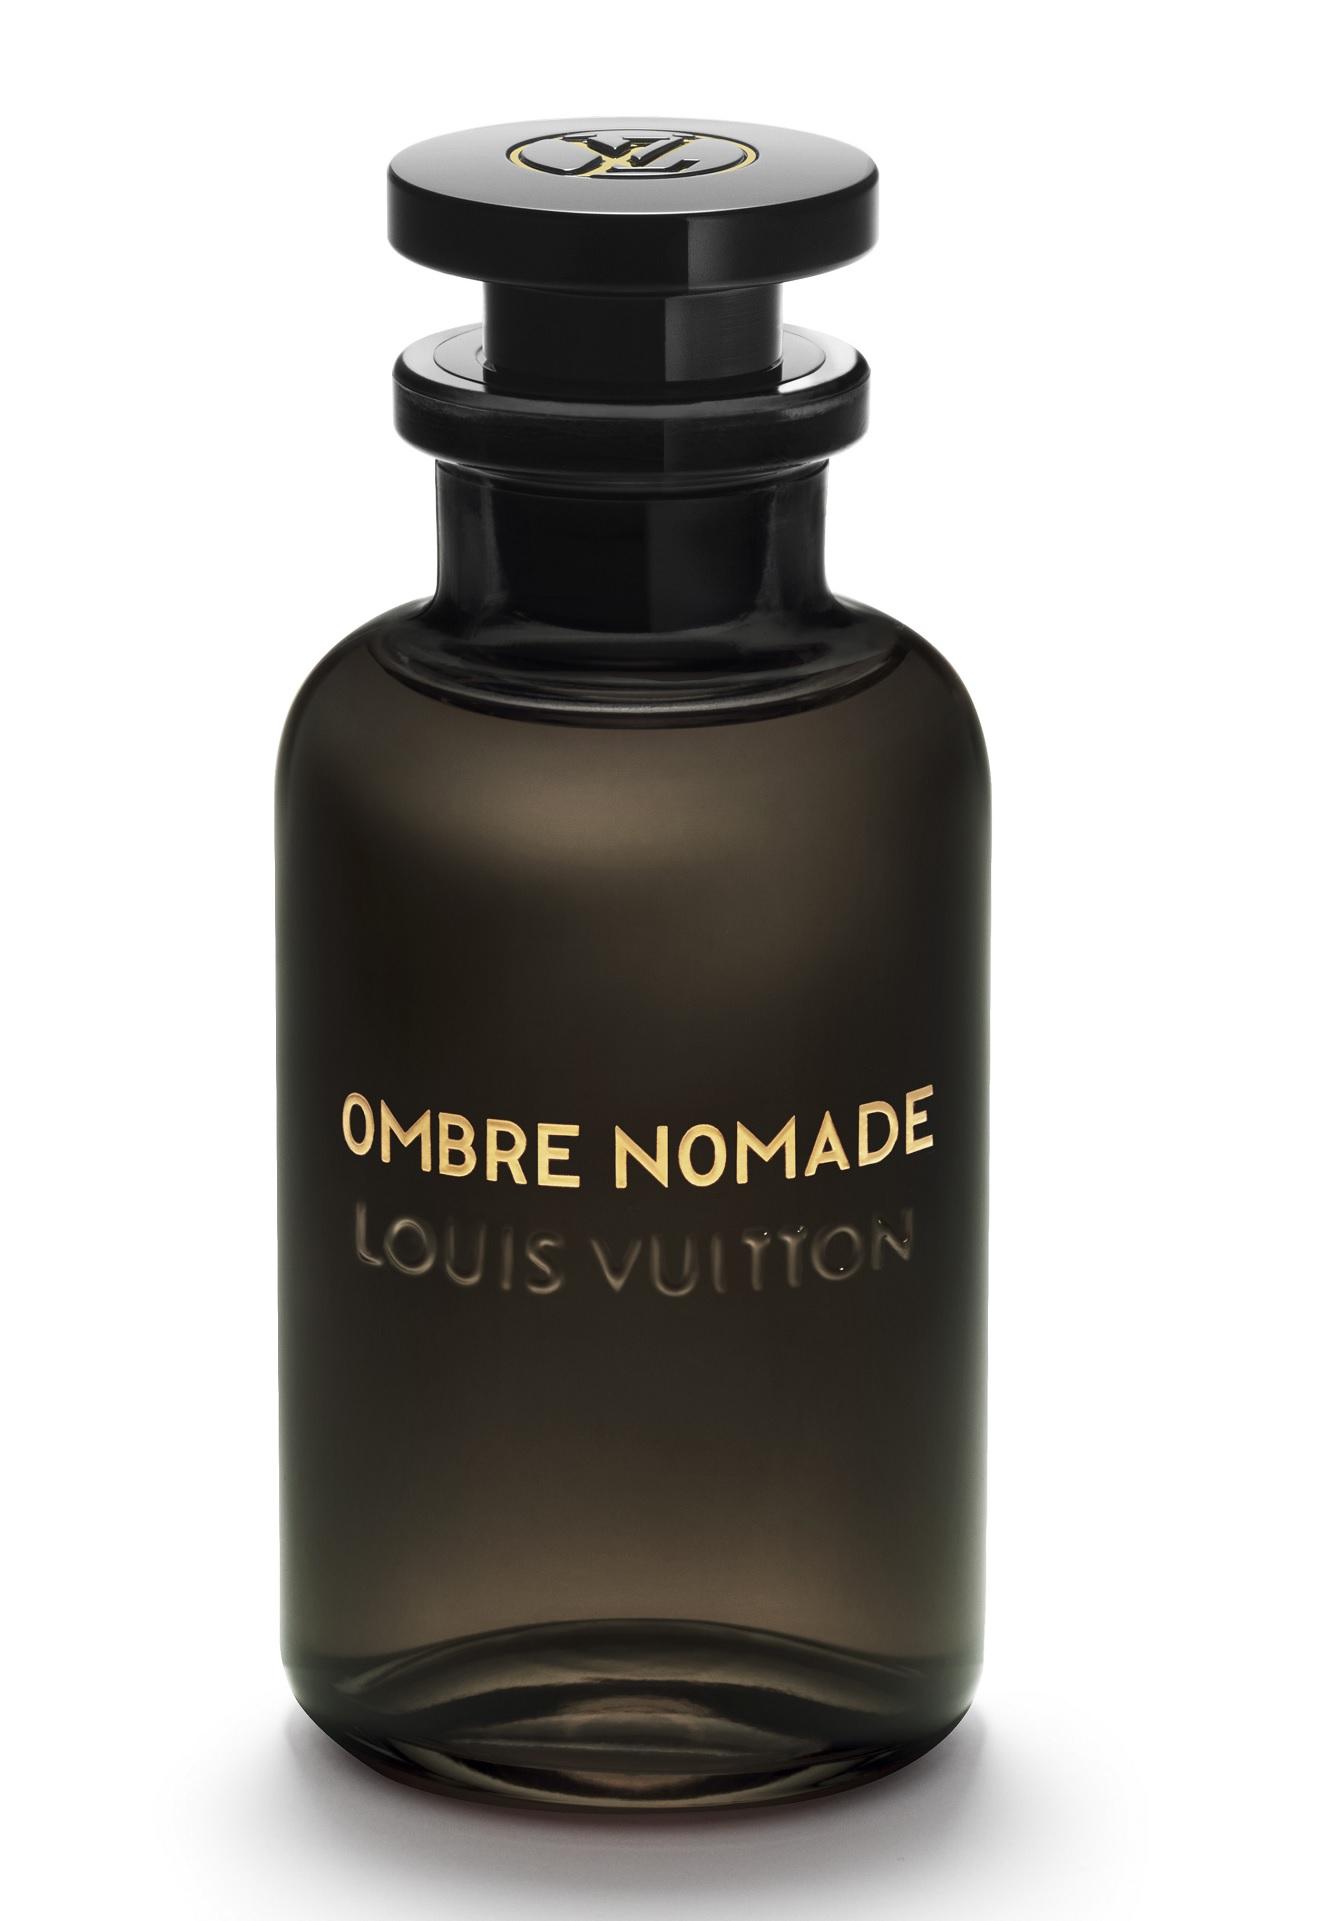 66d800e17 Ombre Nomade Louis Vuitton perfume - una nuevo fragancia para ...